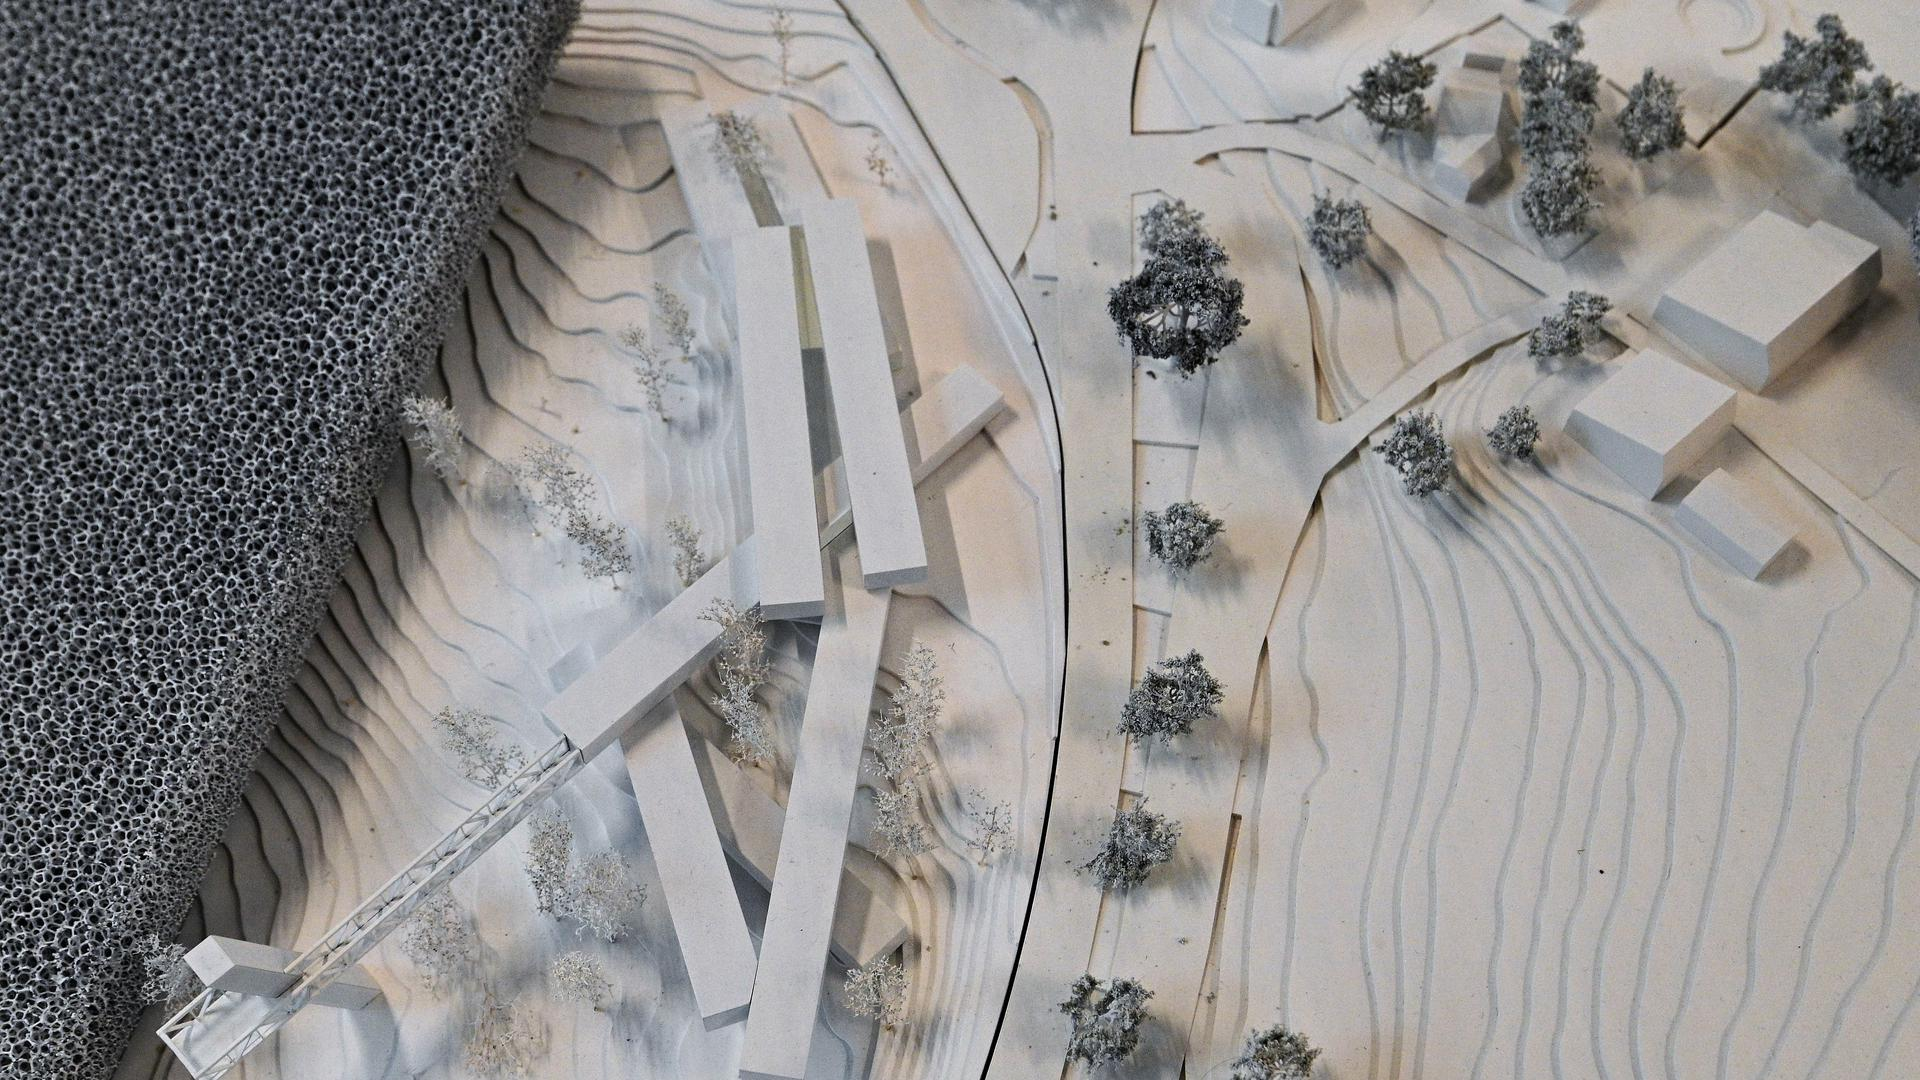 Modell des Siegerentwurfs für das Nationalparkzentrum am Ruhestein der Architekten Sturm und Wartzek.